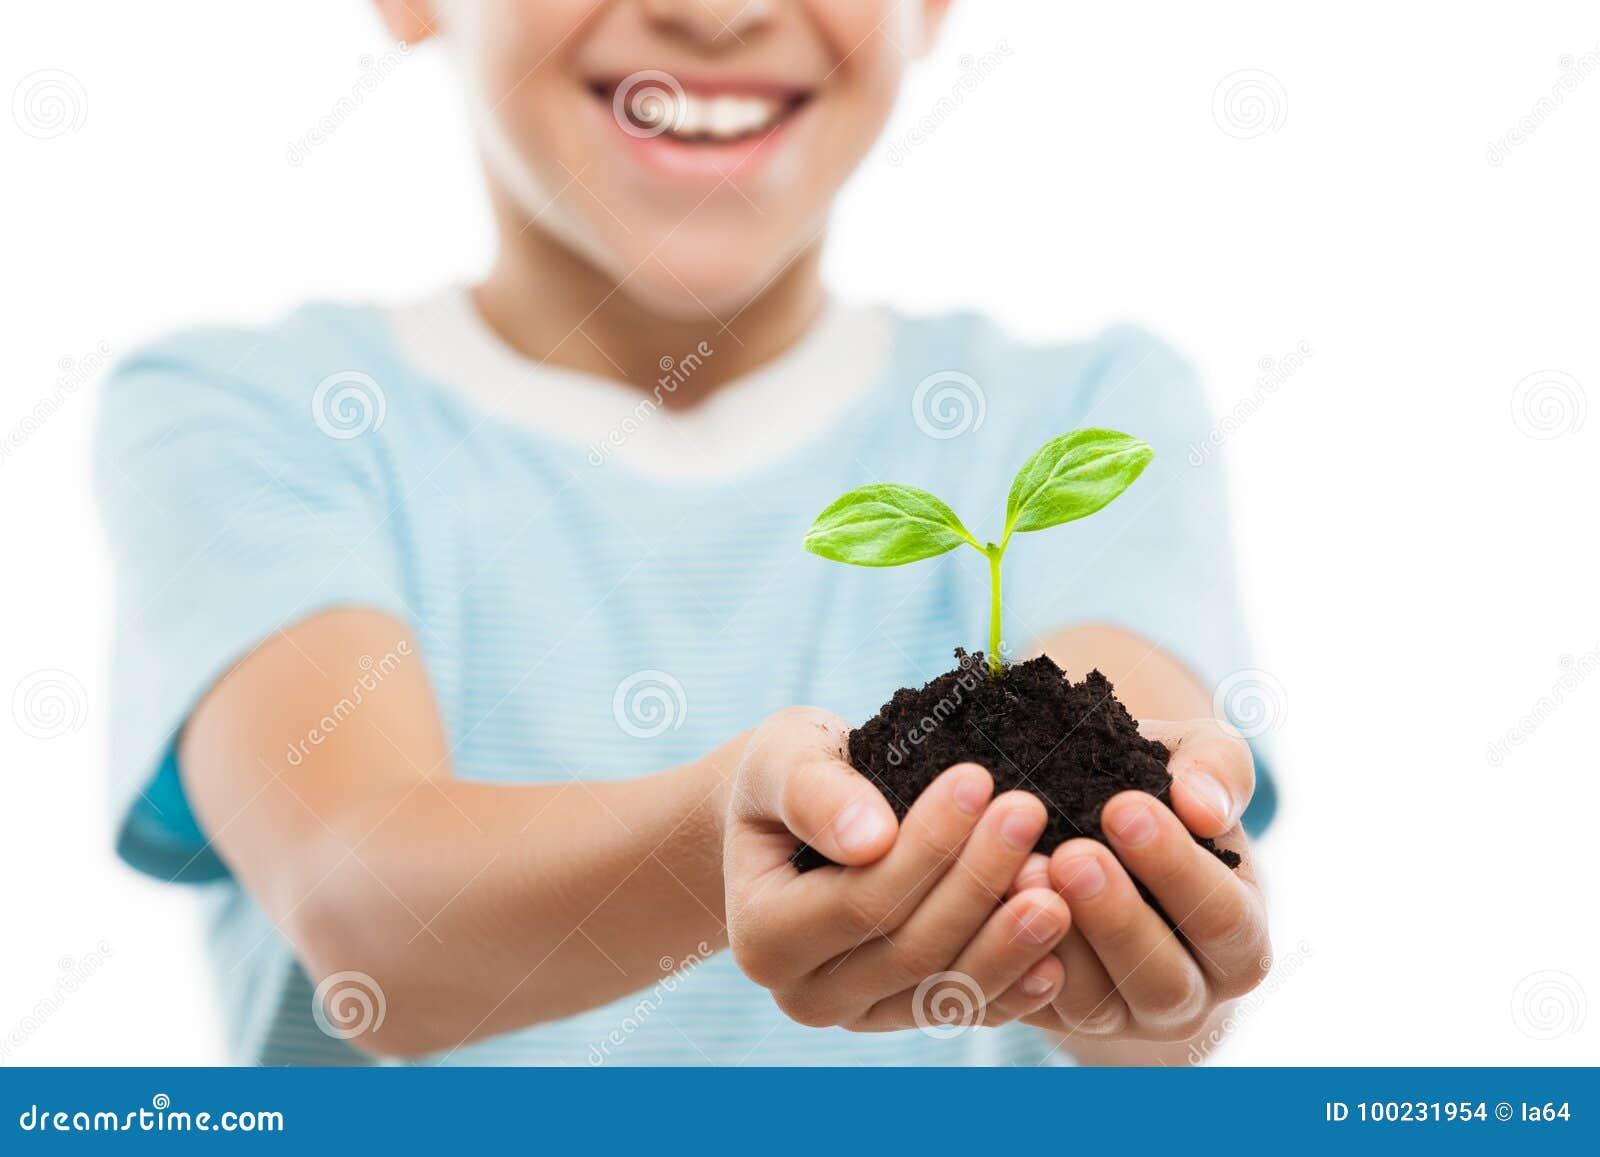 拿着土壤生长绿色新芽叶子的英俊的微笑的儿童男孩